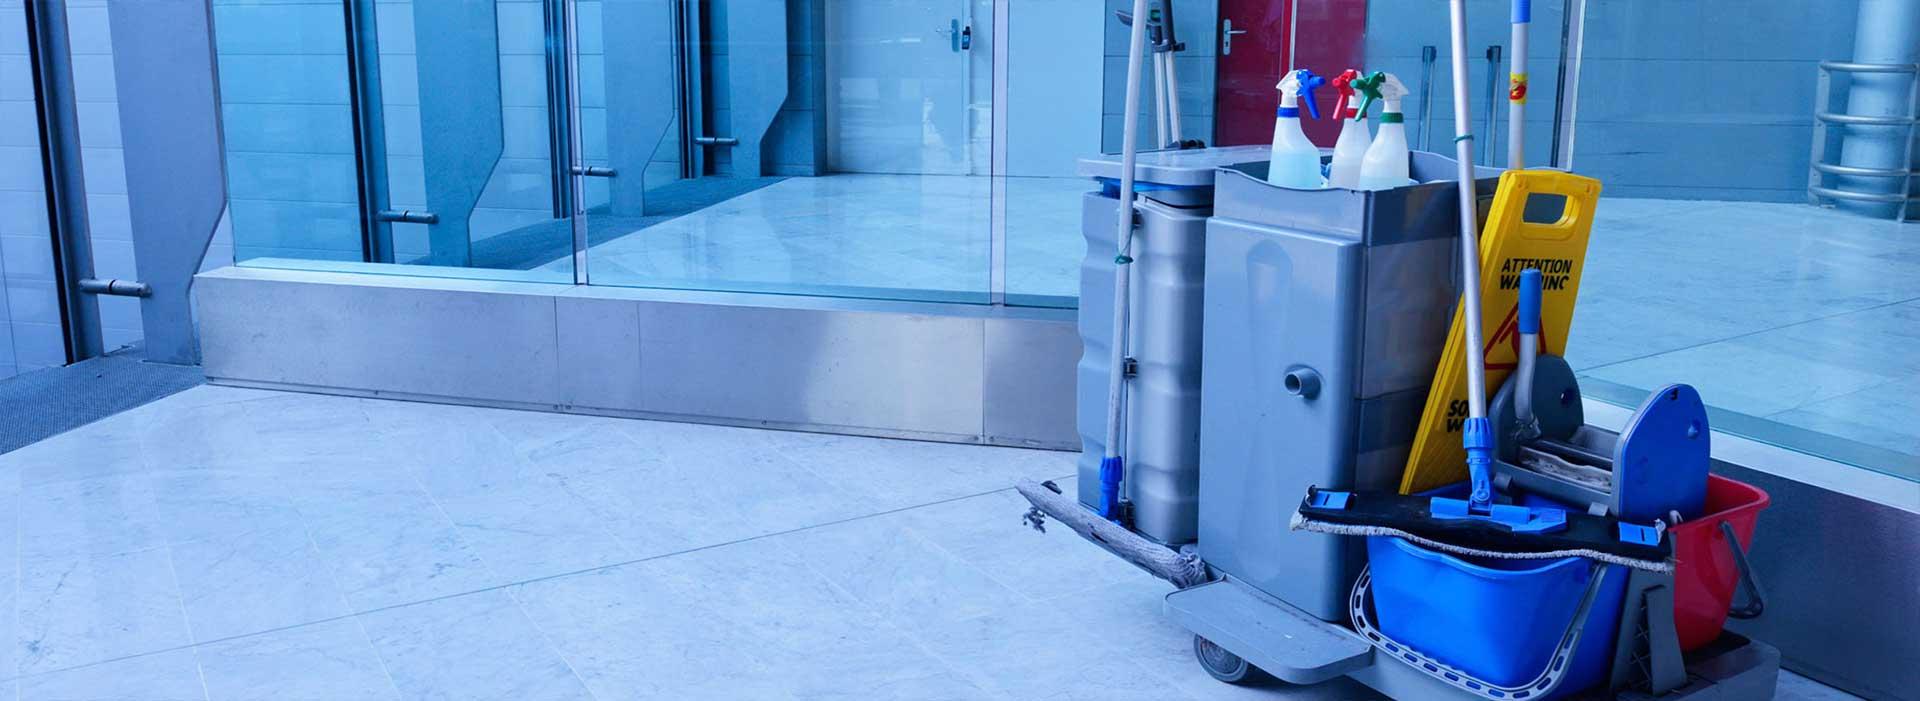 Damos higijenski sustavi   servis za čišćenje